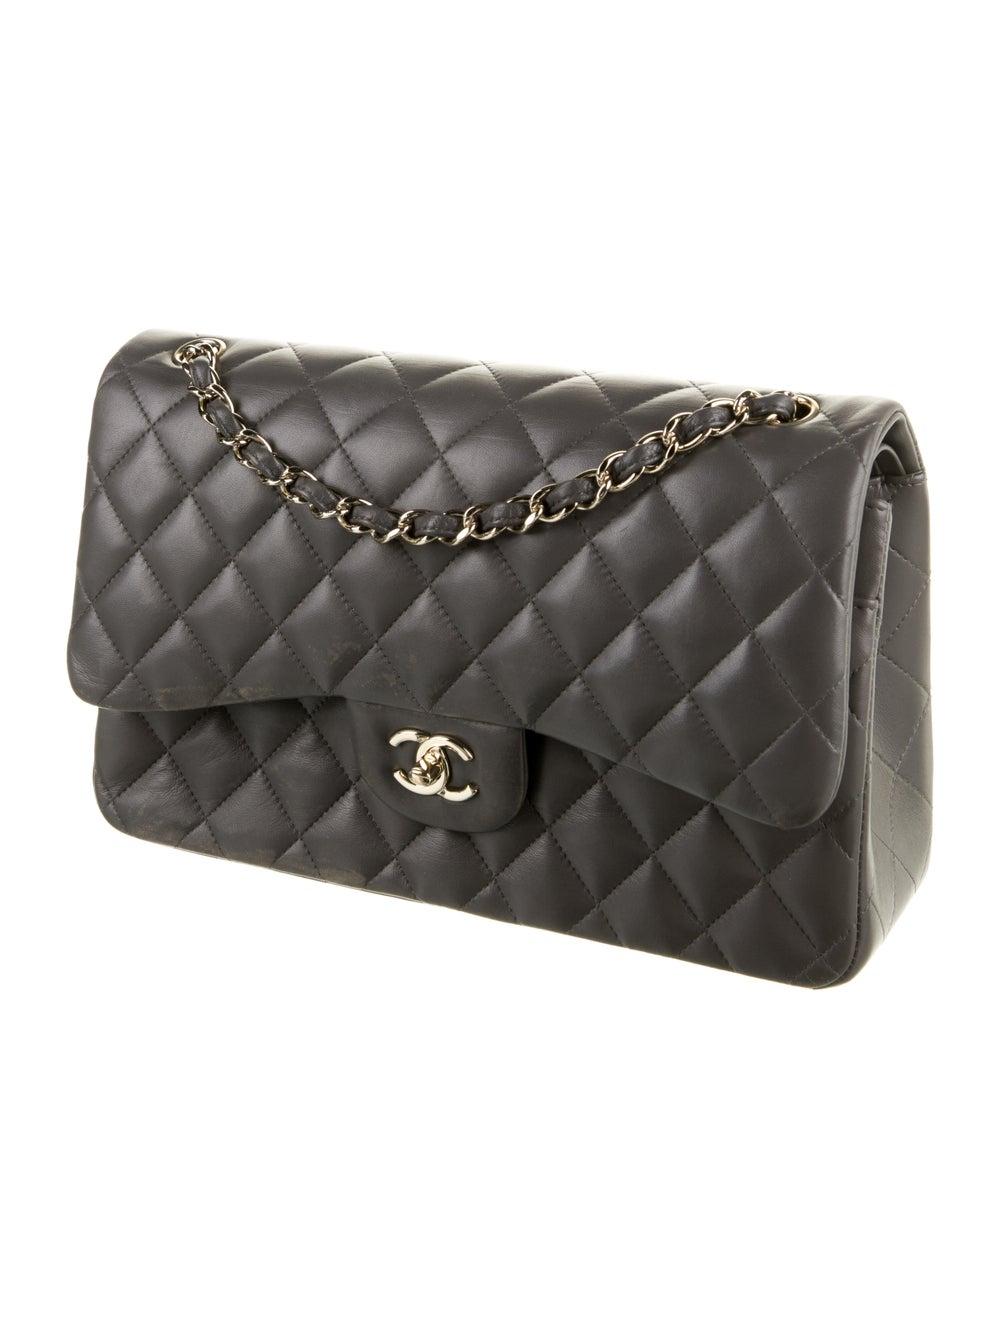 Chanel 2020 Classic Jumbo Double Flap Bag Grey - image 3